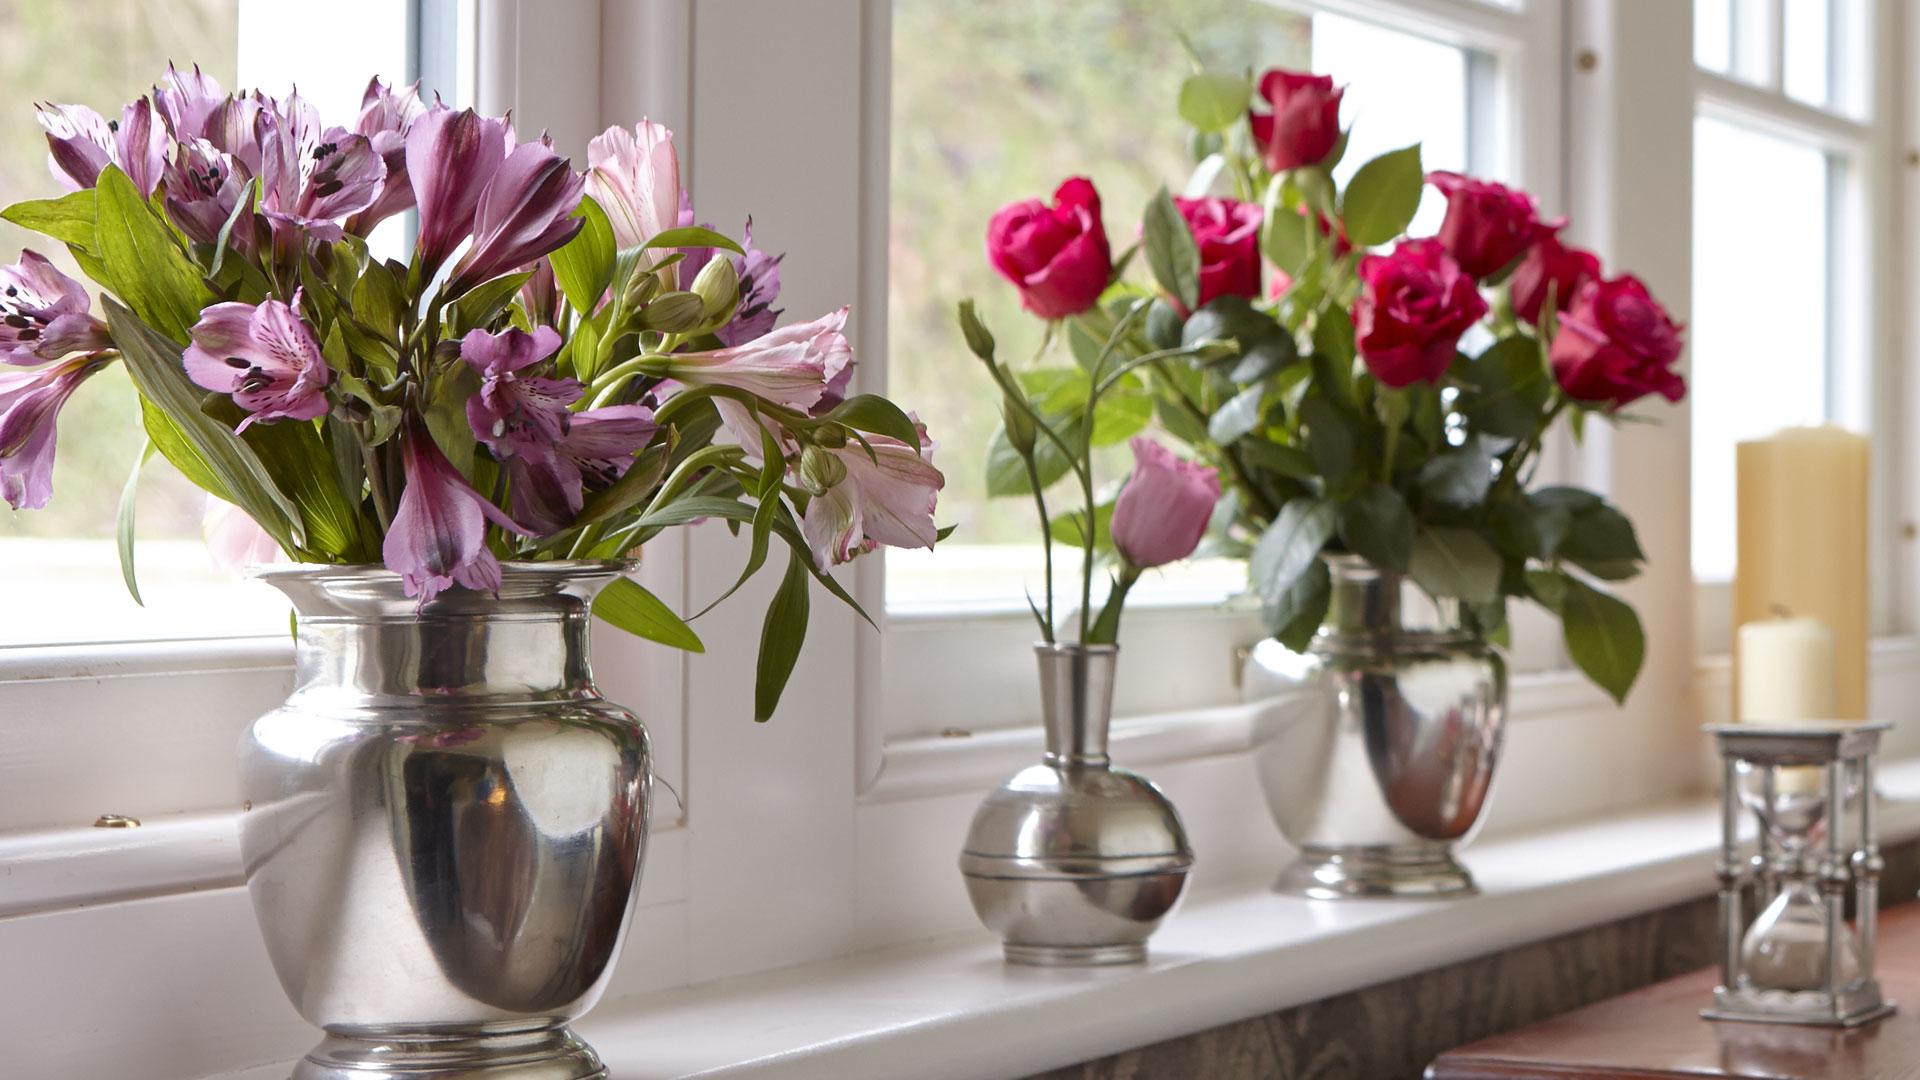 Именем, открытки стол с вазой и цветами у окна